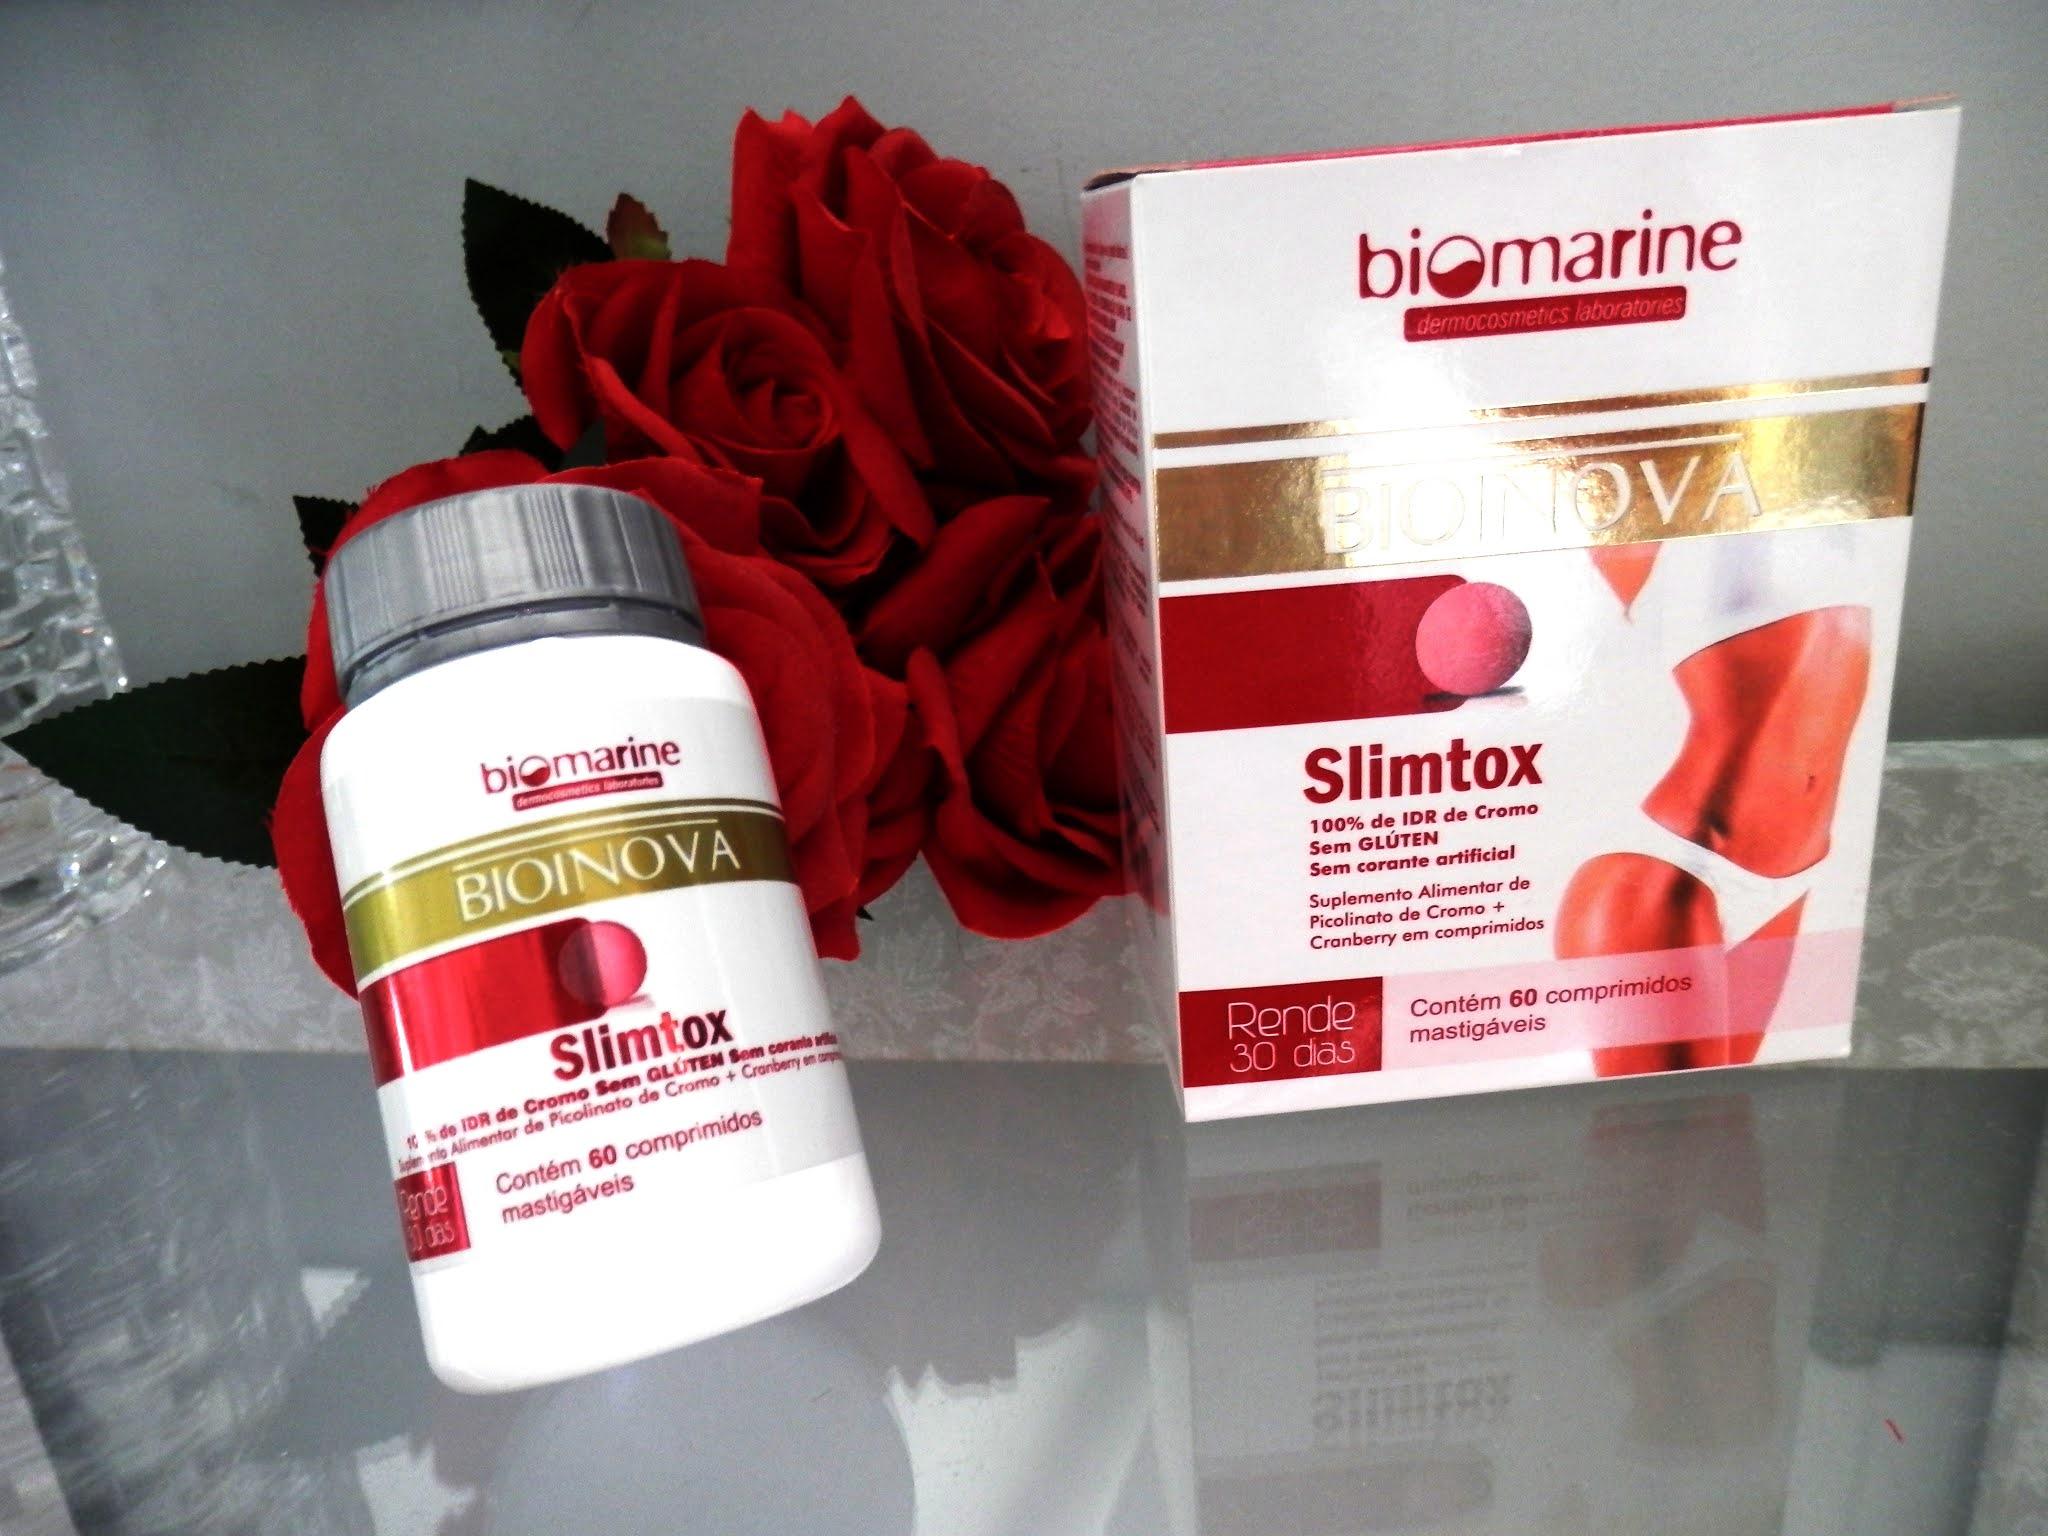 slimtox da biomarine bioinova resenha